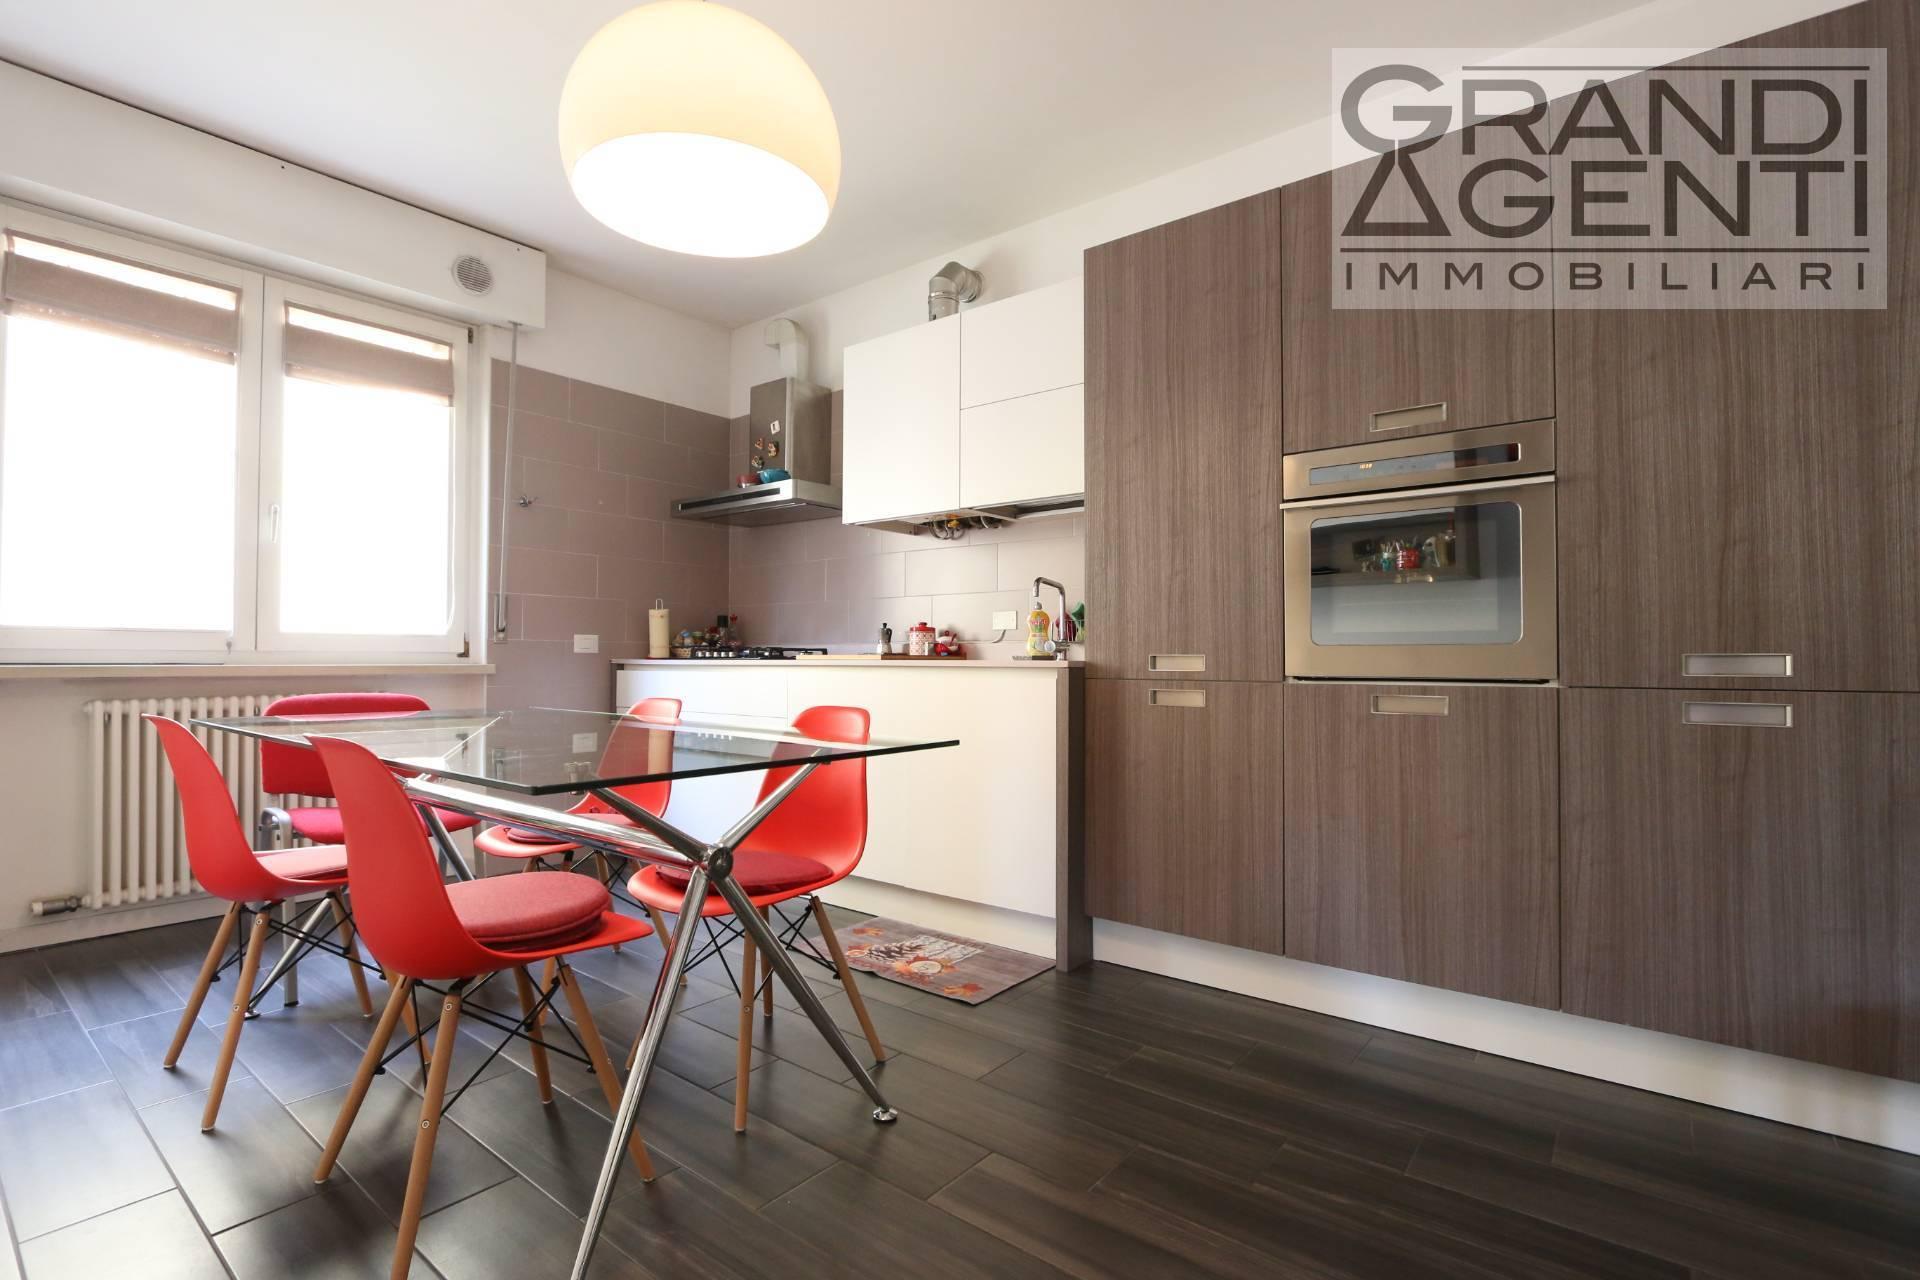 Appartamento in vendita a Verona, 3 locali, zona Località: BorgoRoma, prezzo € 149.000 | PortaleAgenzieImmobiliari.it